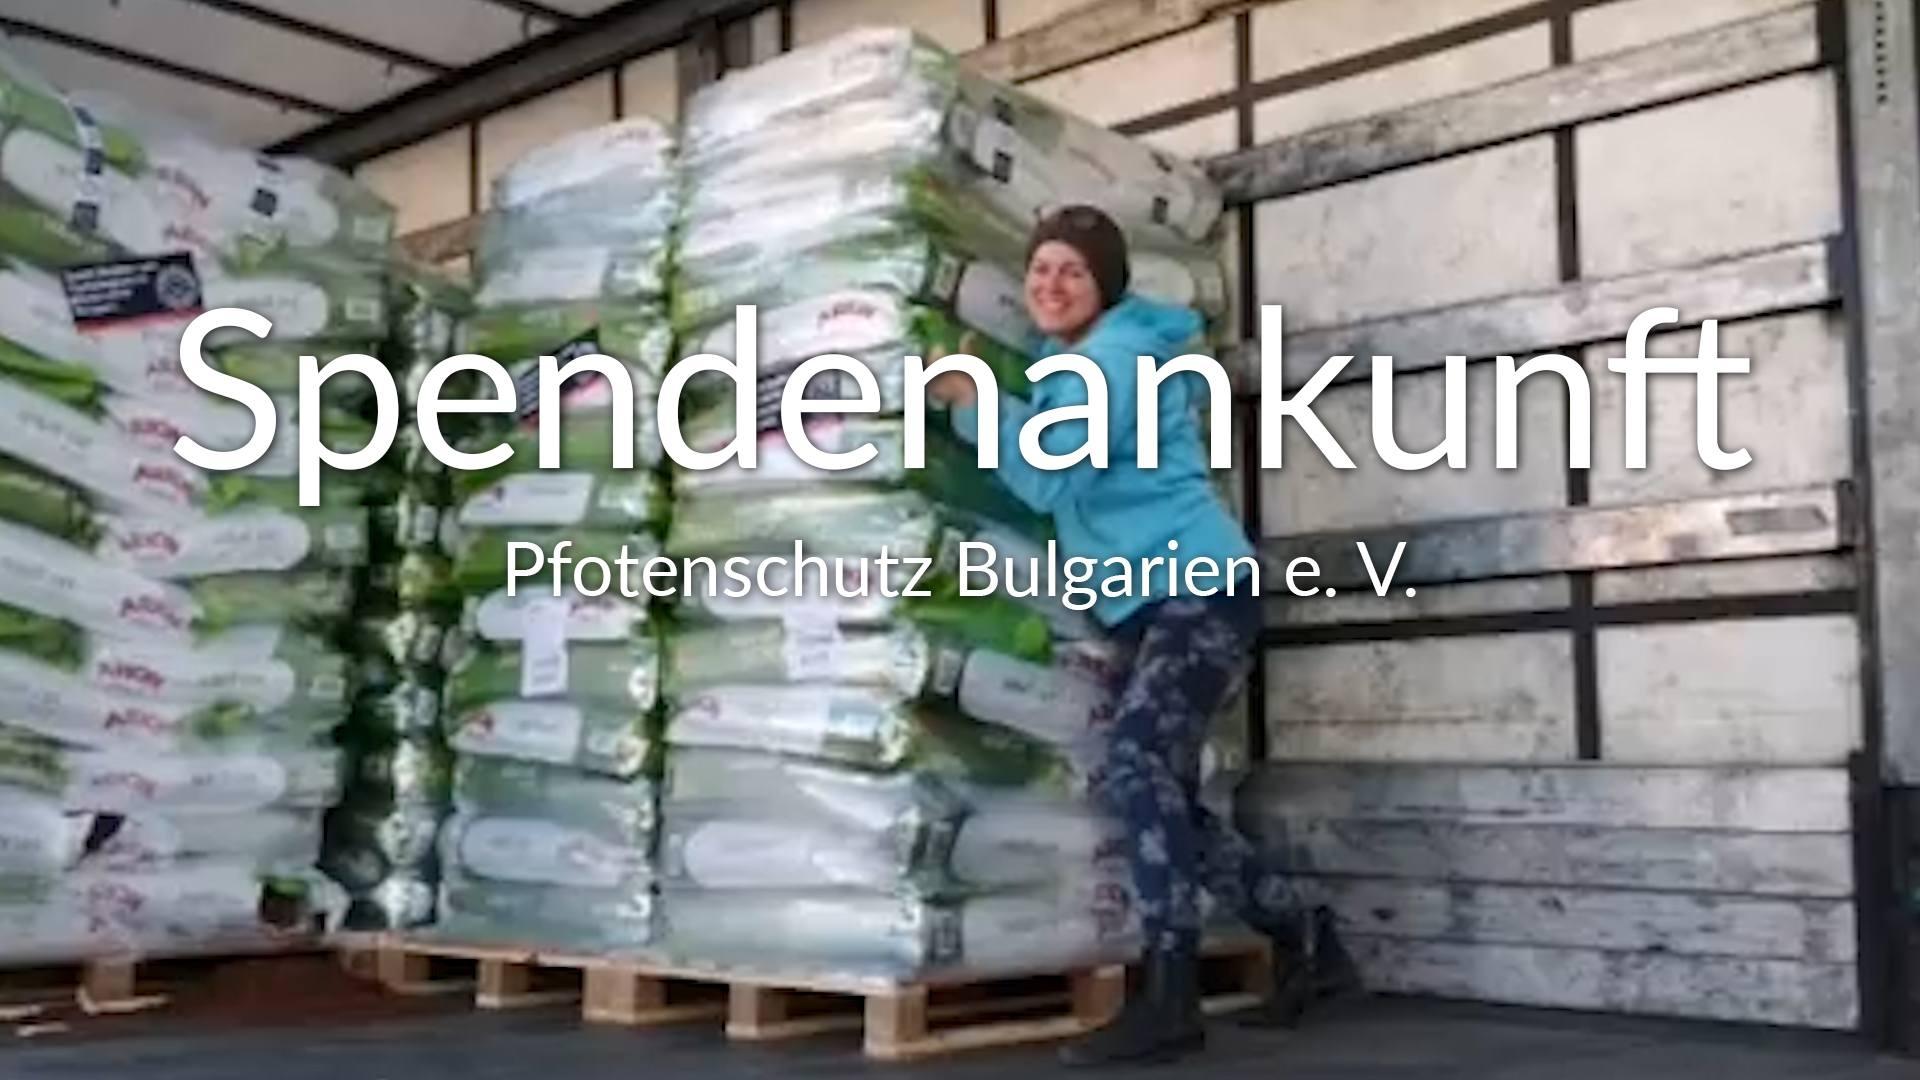 Pfotenschutz Bulgarien SM Thumbnail